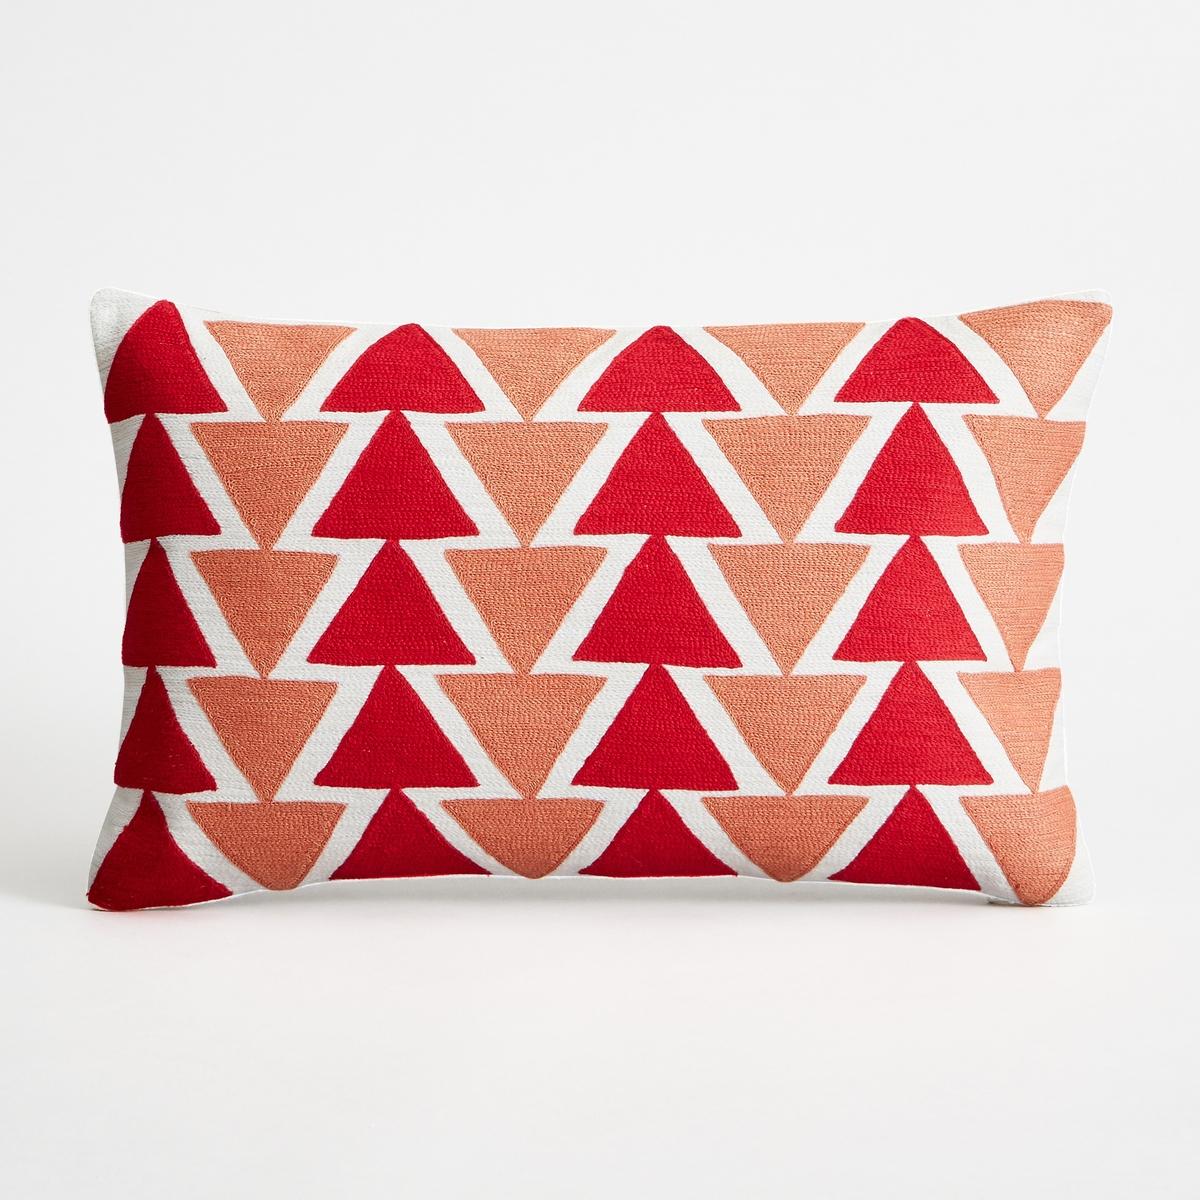 Наволочка на подушку-валик TriangoloНаволочка на подушку-валик Triangolo. Красивый вышитый рисунок в виде треугольника. 100% хлопок. Однотонная оборотная сторона. Застежка на скрытую молнию сзади. Размеры : 50 x 30 см. Подушка продается отдельно.<br><br>Цвет: красный<br>Размер: 50 x 30 см